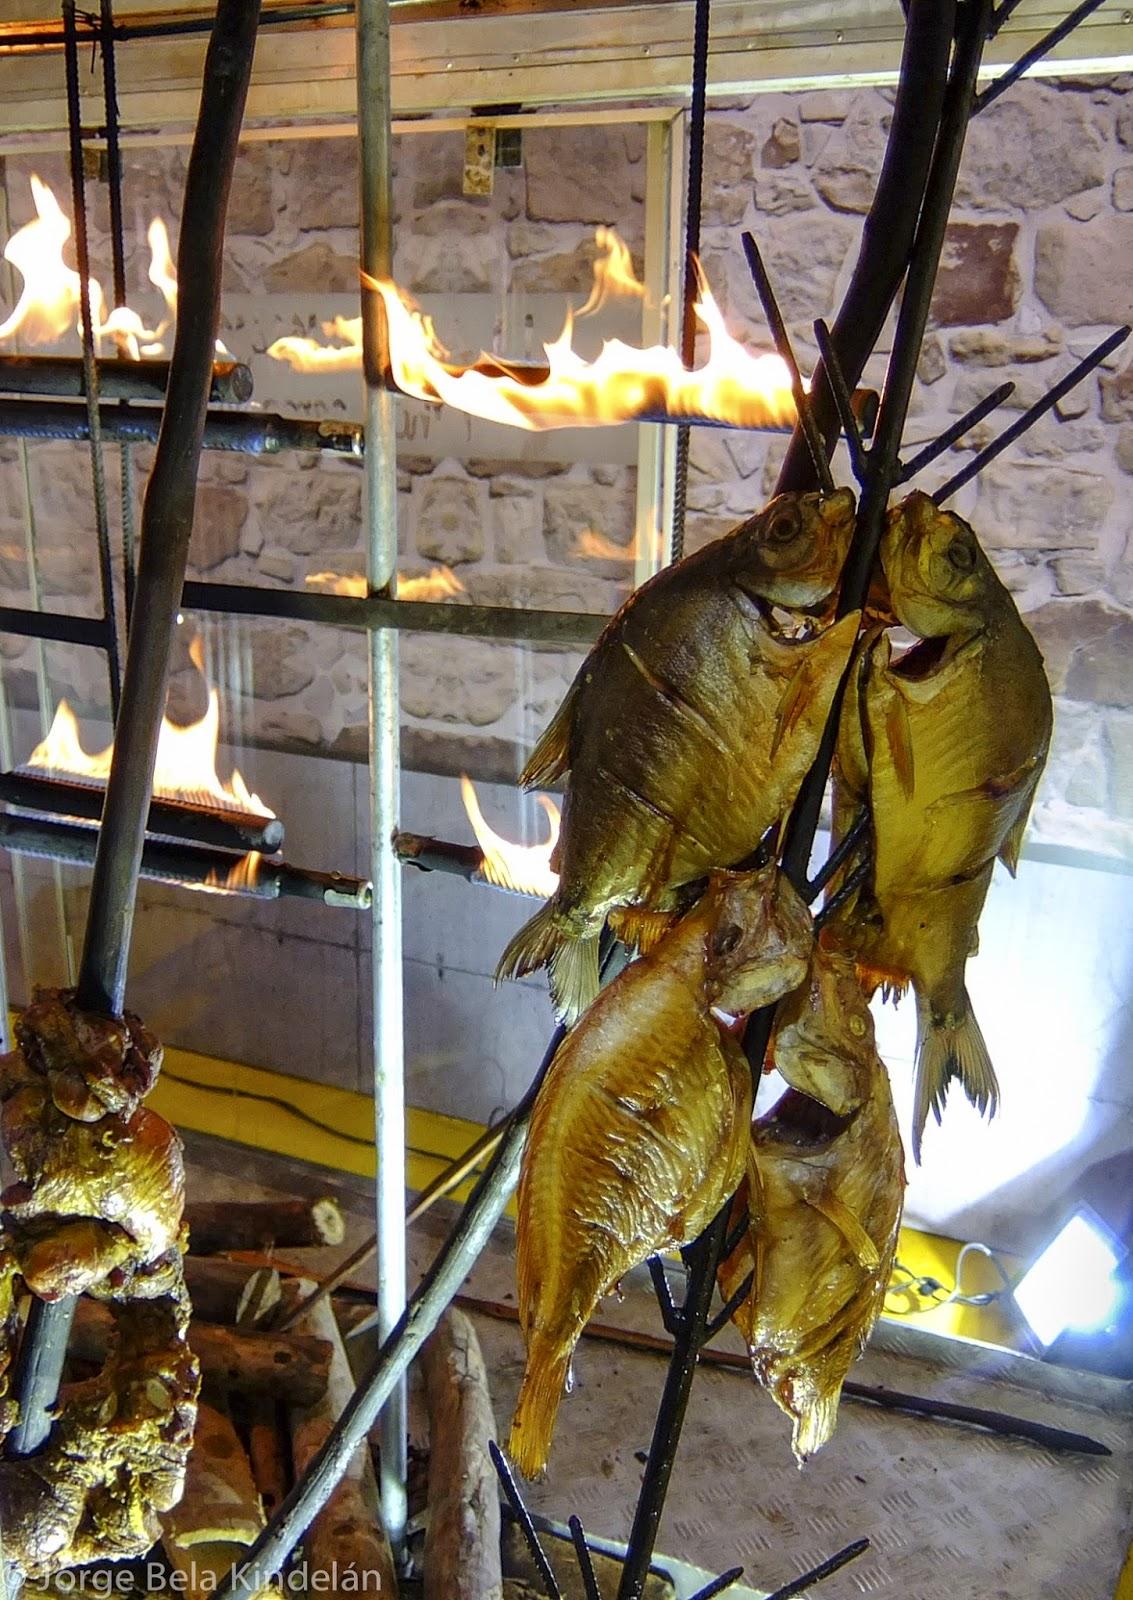 Pescado cocinado al estilo llanero. Expoartesanías, Bogotá. Foto: Jorge Bela